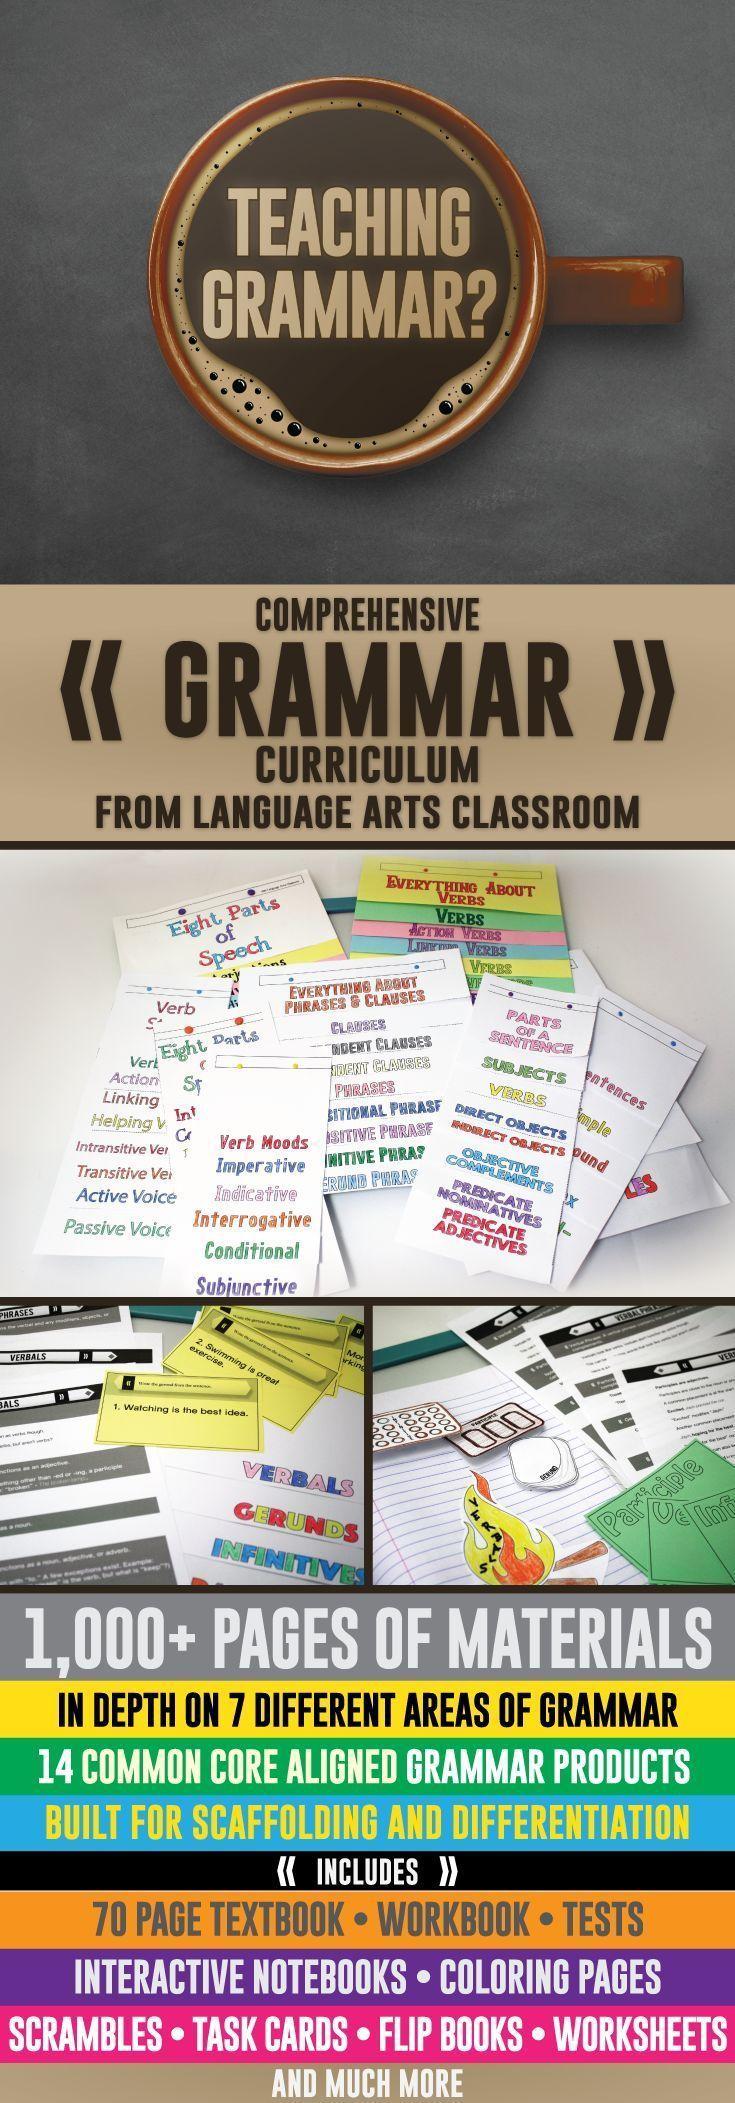 474 best Grammar images on Pinterest | English grammar, Grammar ...